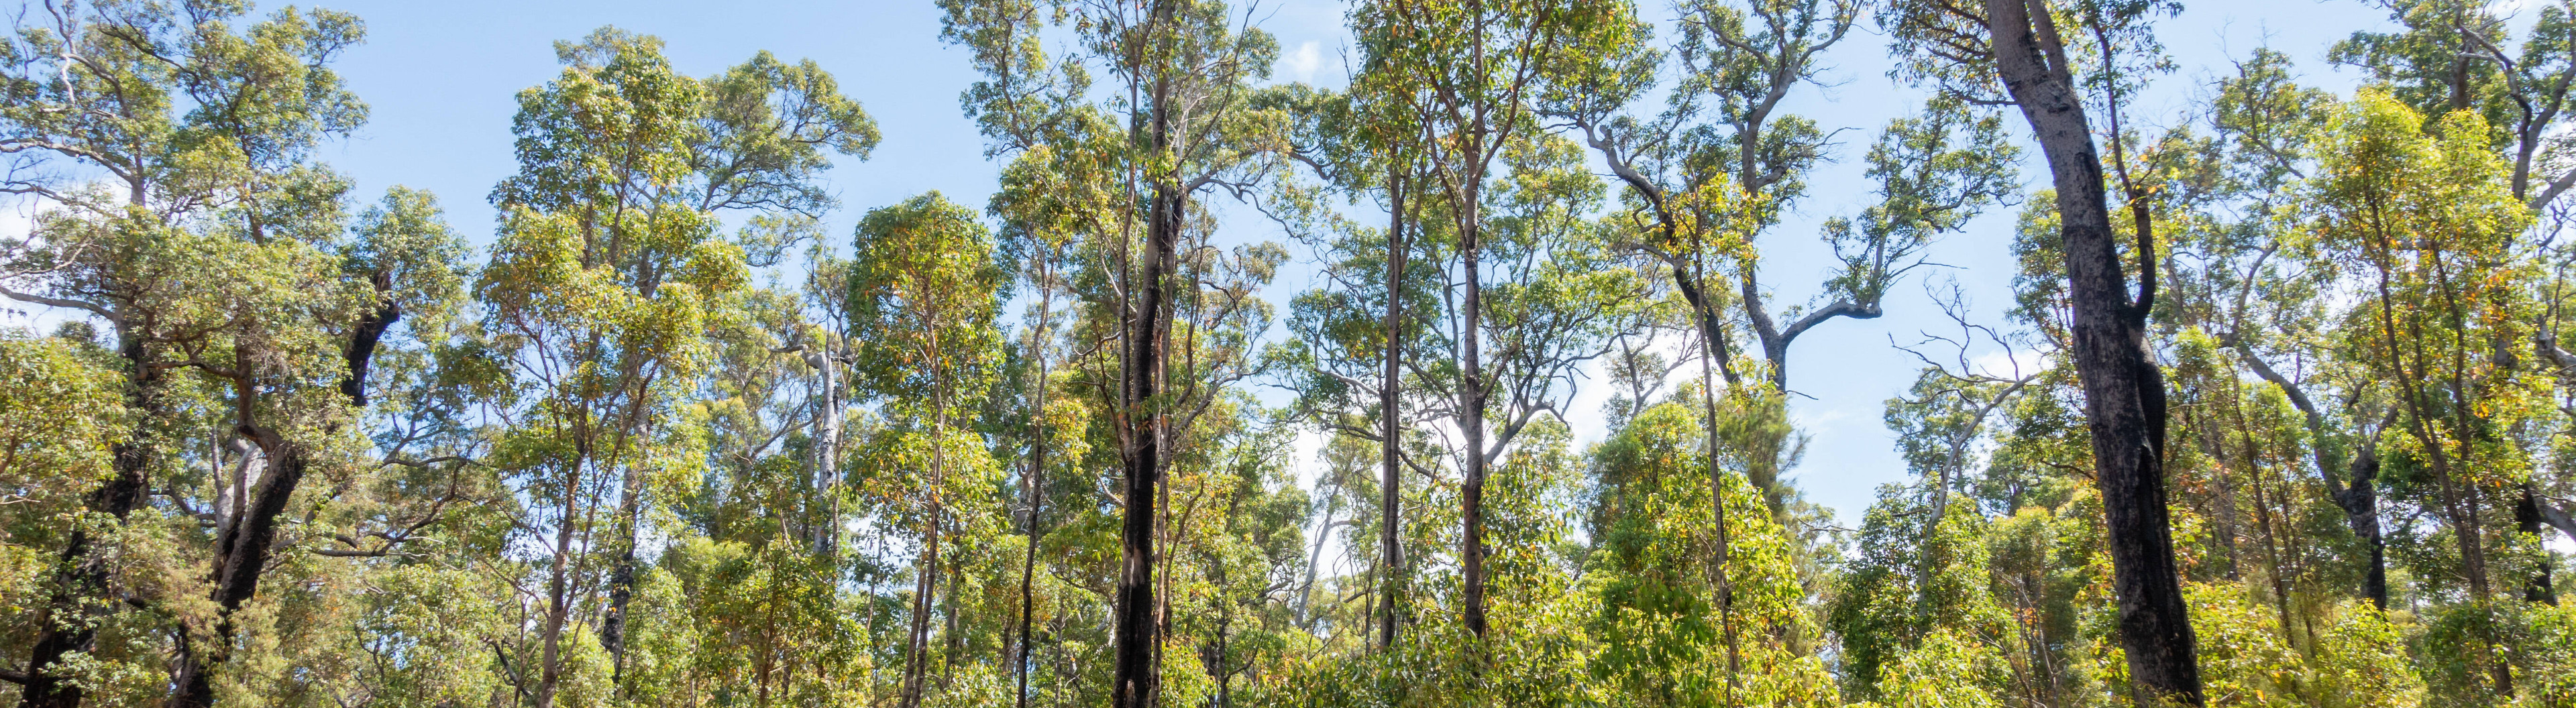 Wald in Australien aufgenommen am 1. Januar 2020